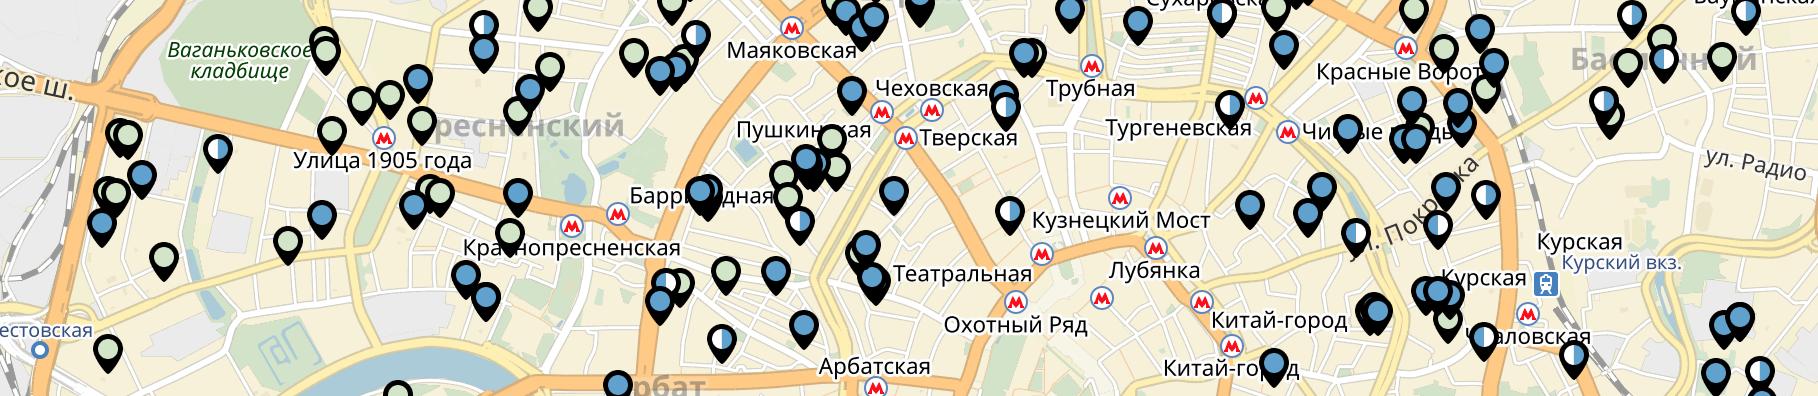 Выбор детского сада в Москве - 5